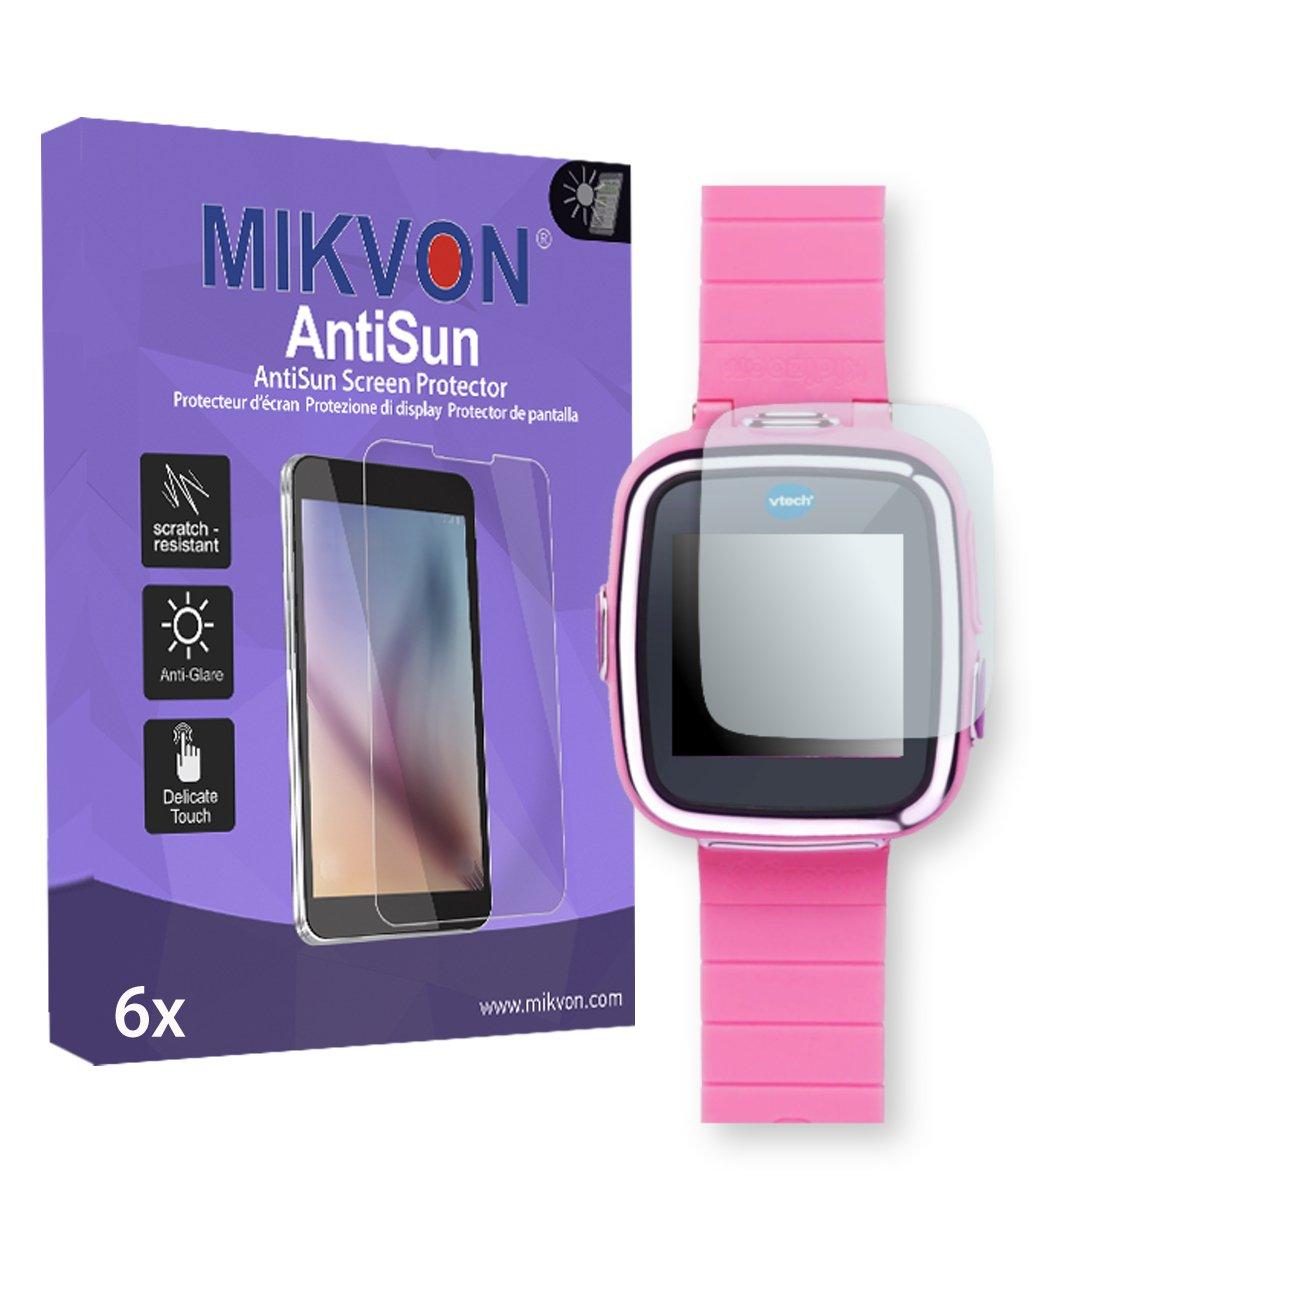 Amazon.com: MIKVON 6X AntiSun Screen Protector for Vtech ...